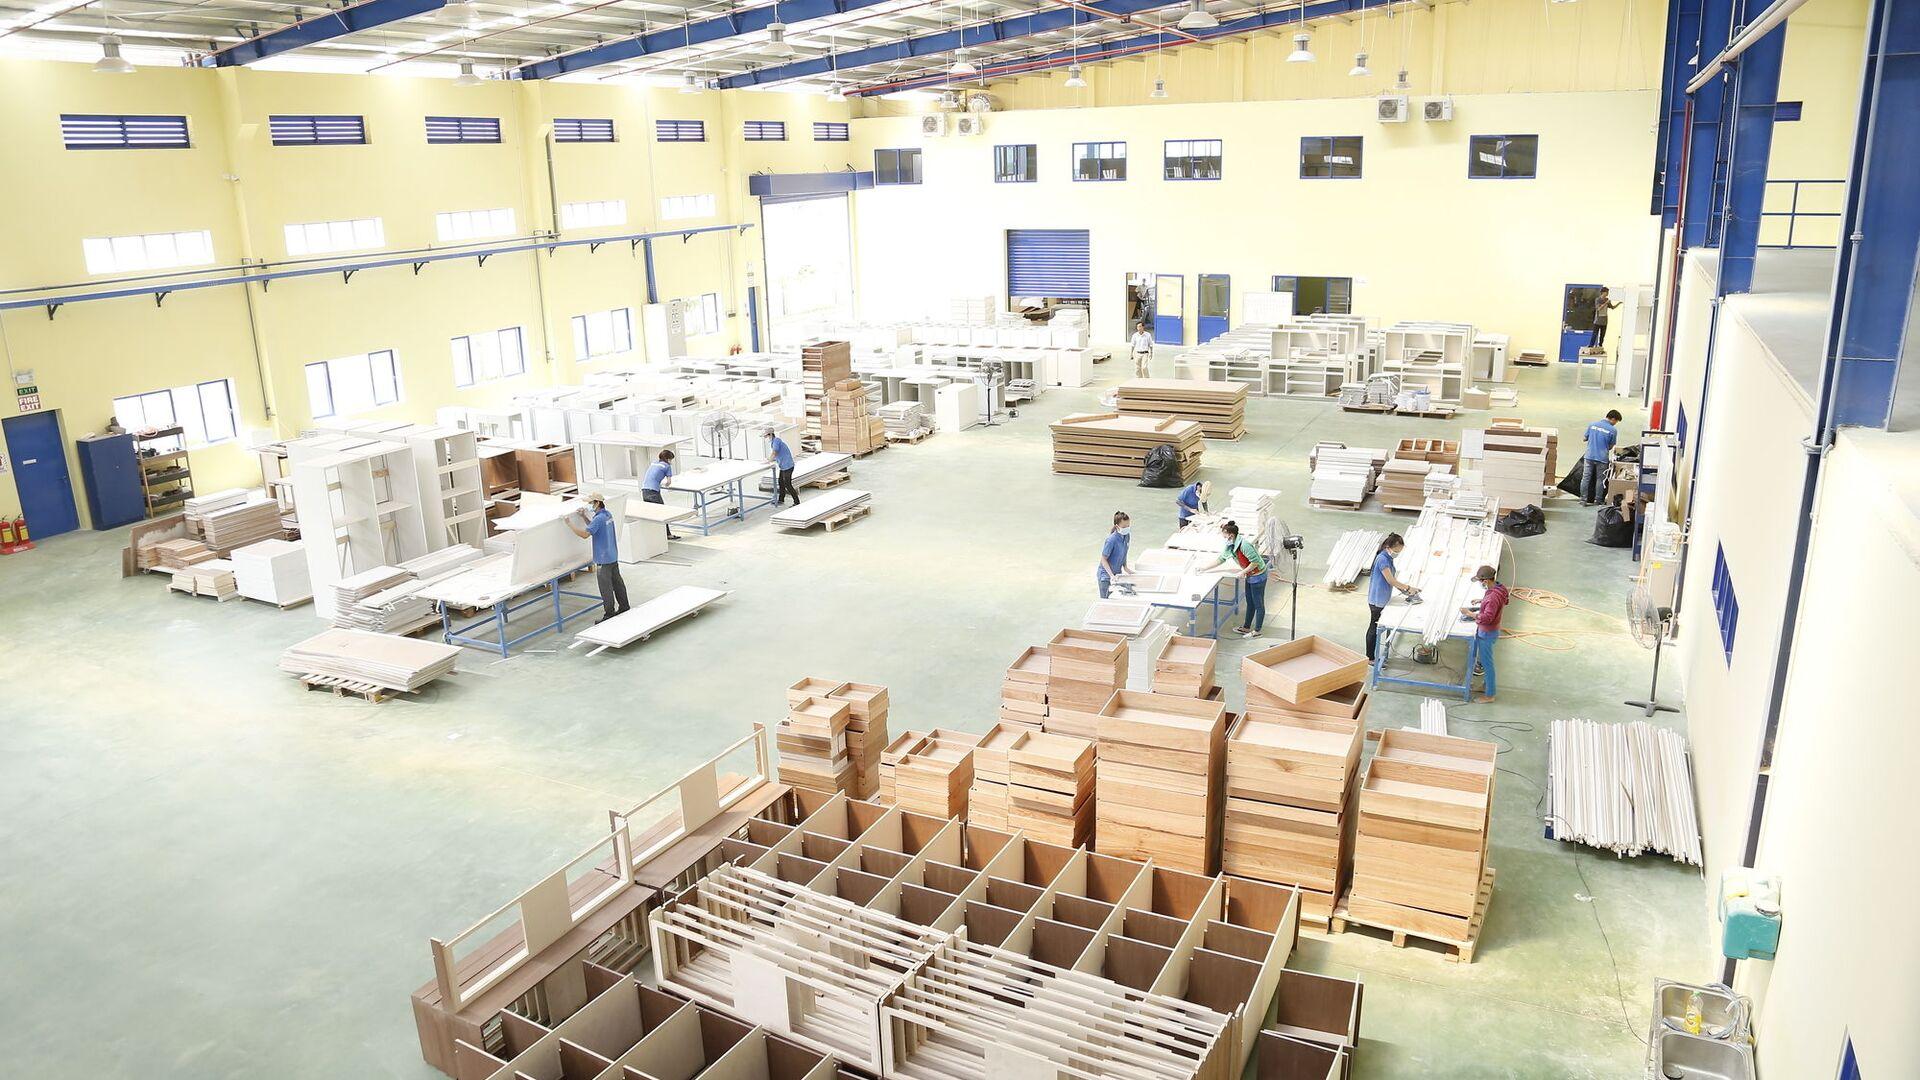 Nhà máy sản xuất gỗ xuất khẩu. - Sputnik Việt Nam, 1920, 25.09.2021